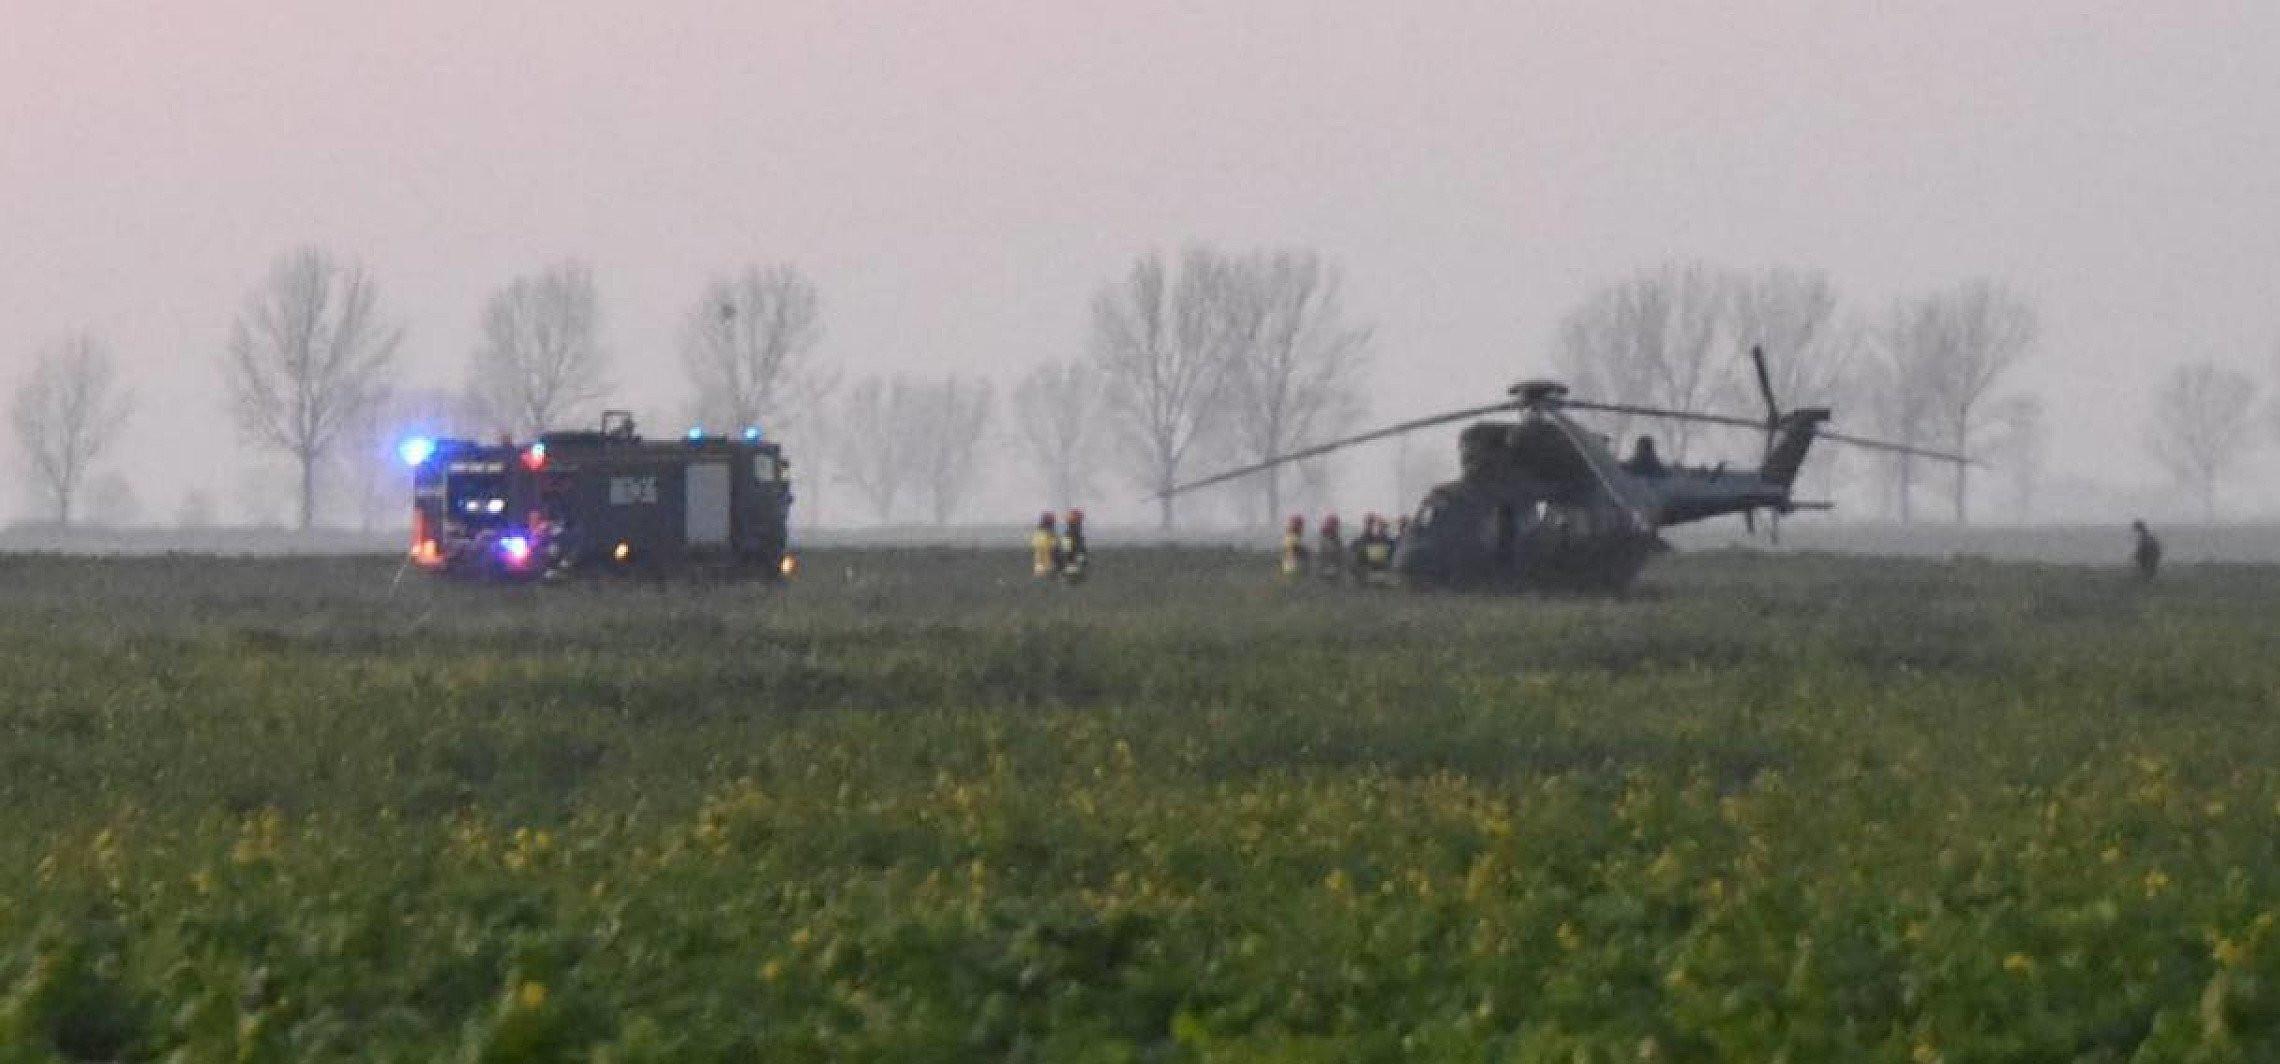 Dąbrowa Biskupia - Awaryjne lądowanie wojskowego śmigłowca